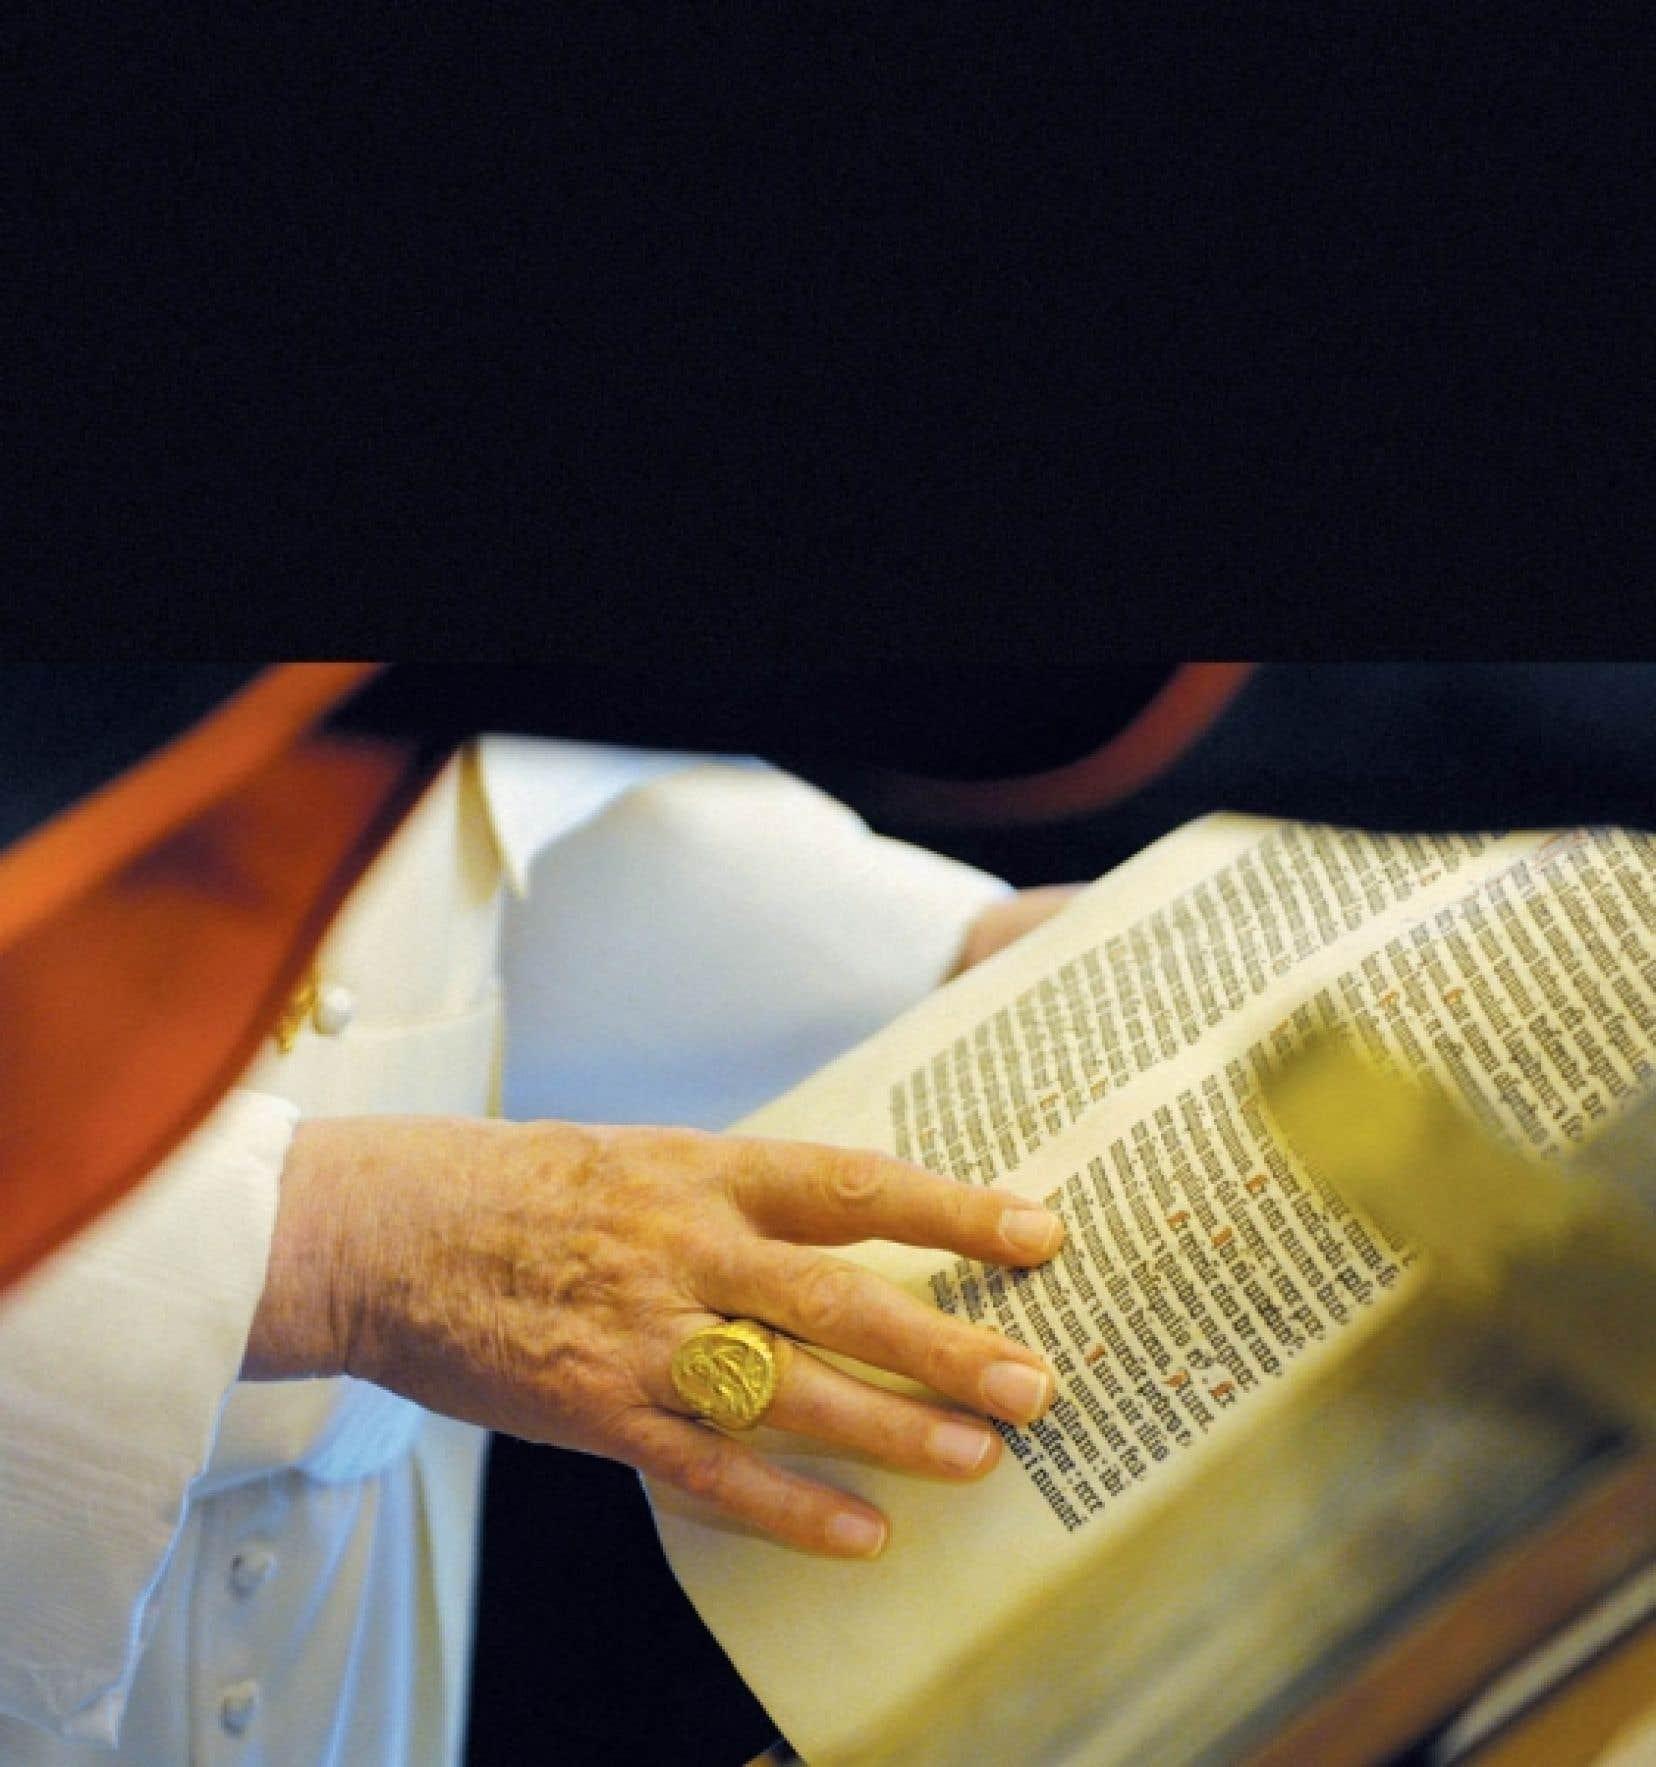 Le pape Benoît XVI feuillette un des innombrables documents de la bibliothèque du Vatican.<br />